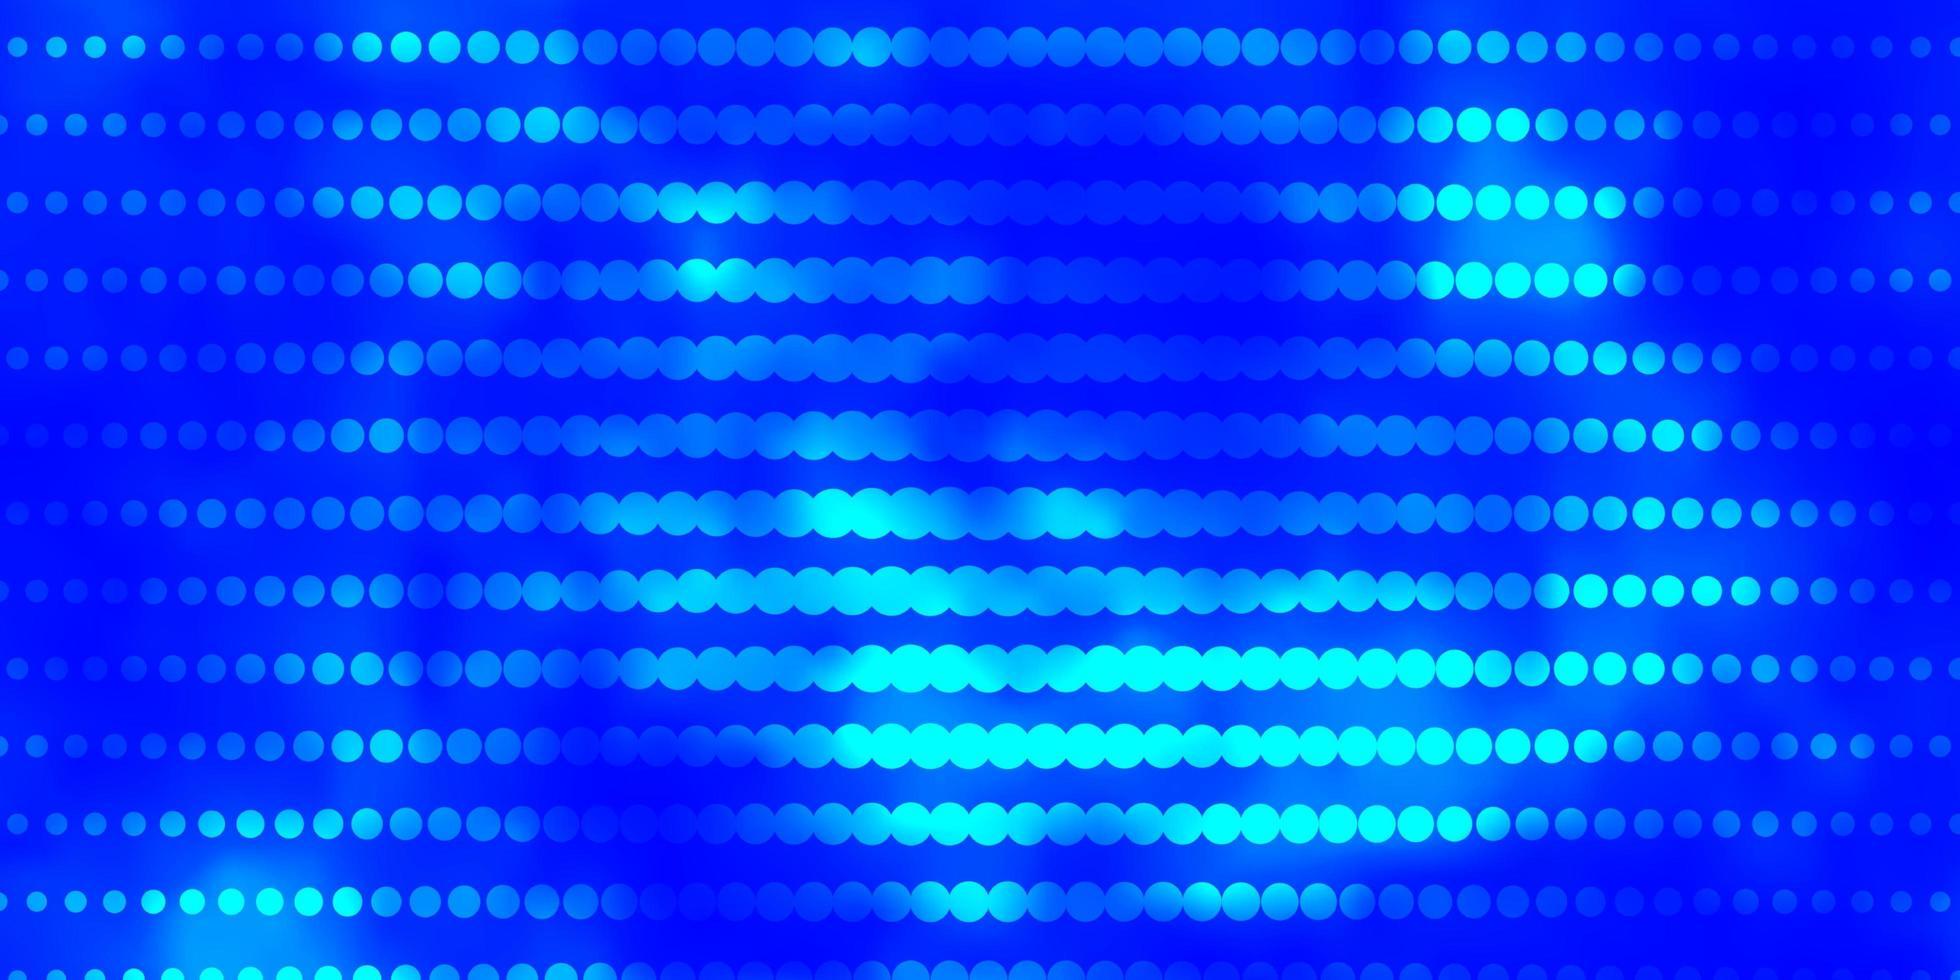 Fondo de vector azul claro con círculos.